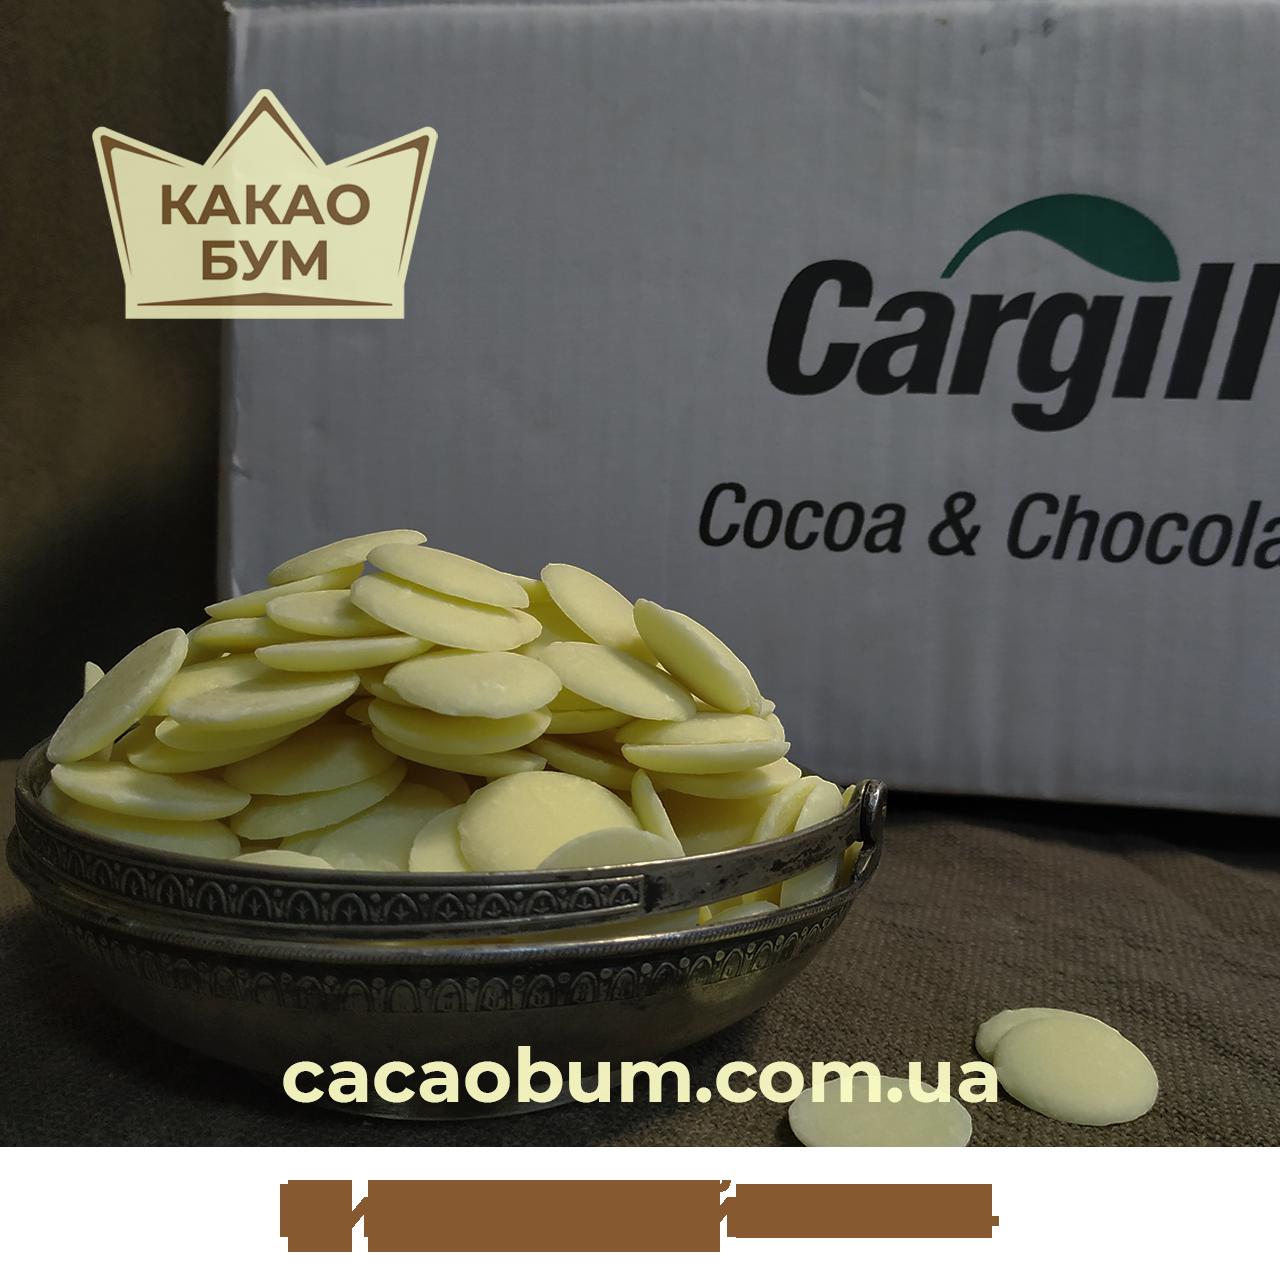 Шоколад білий 29% Cargill 1 кг Бельгійський в каллетах